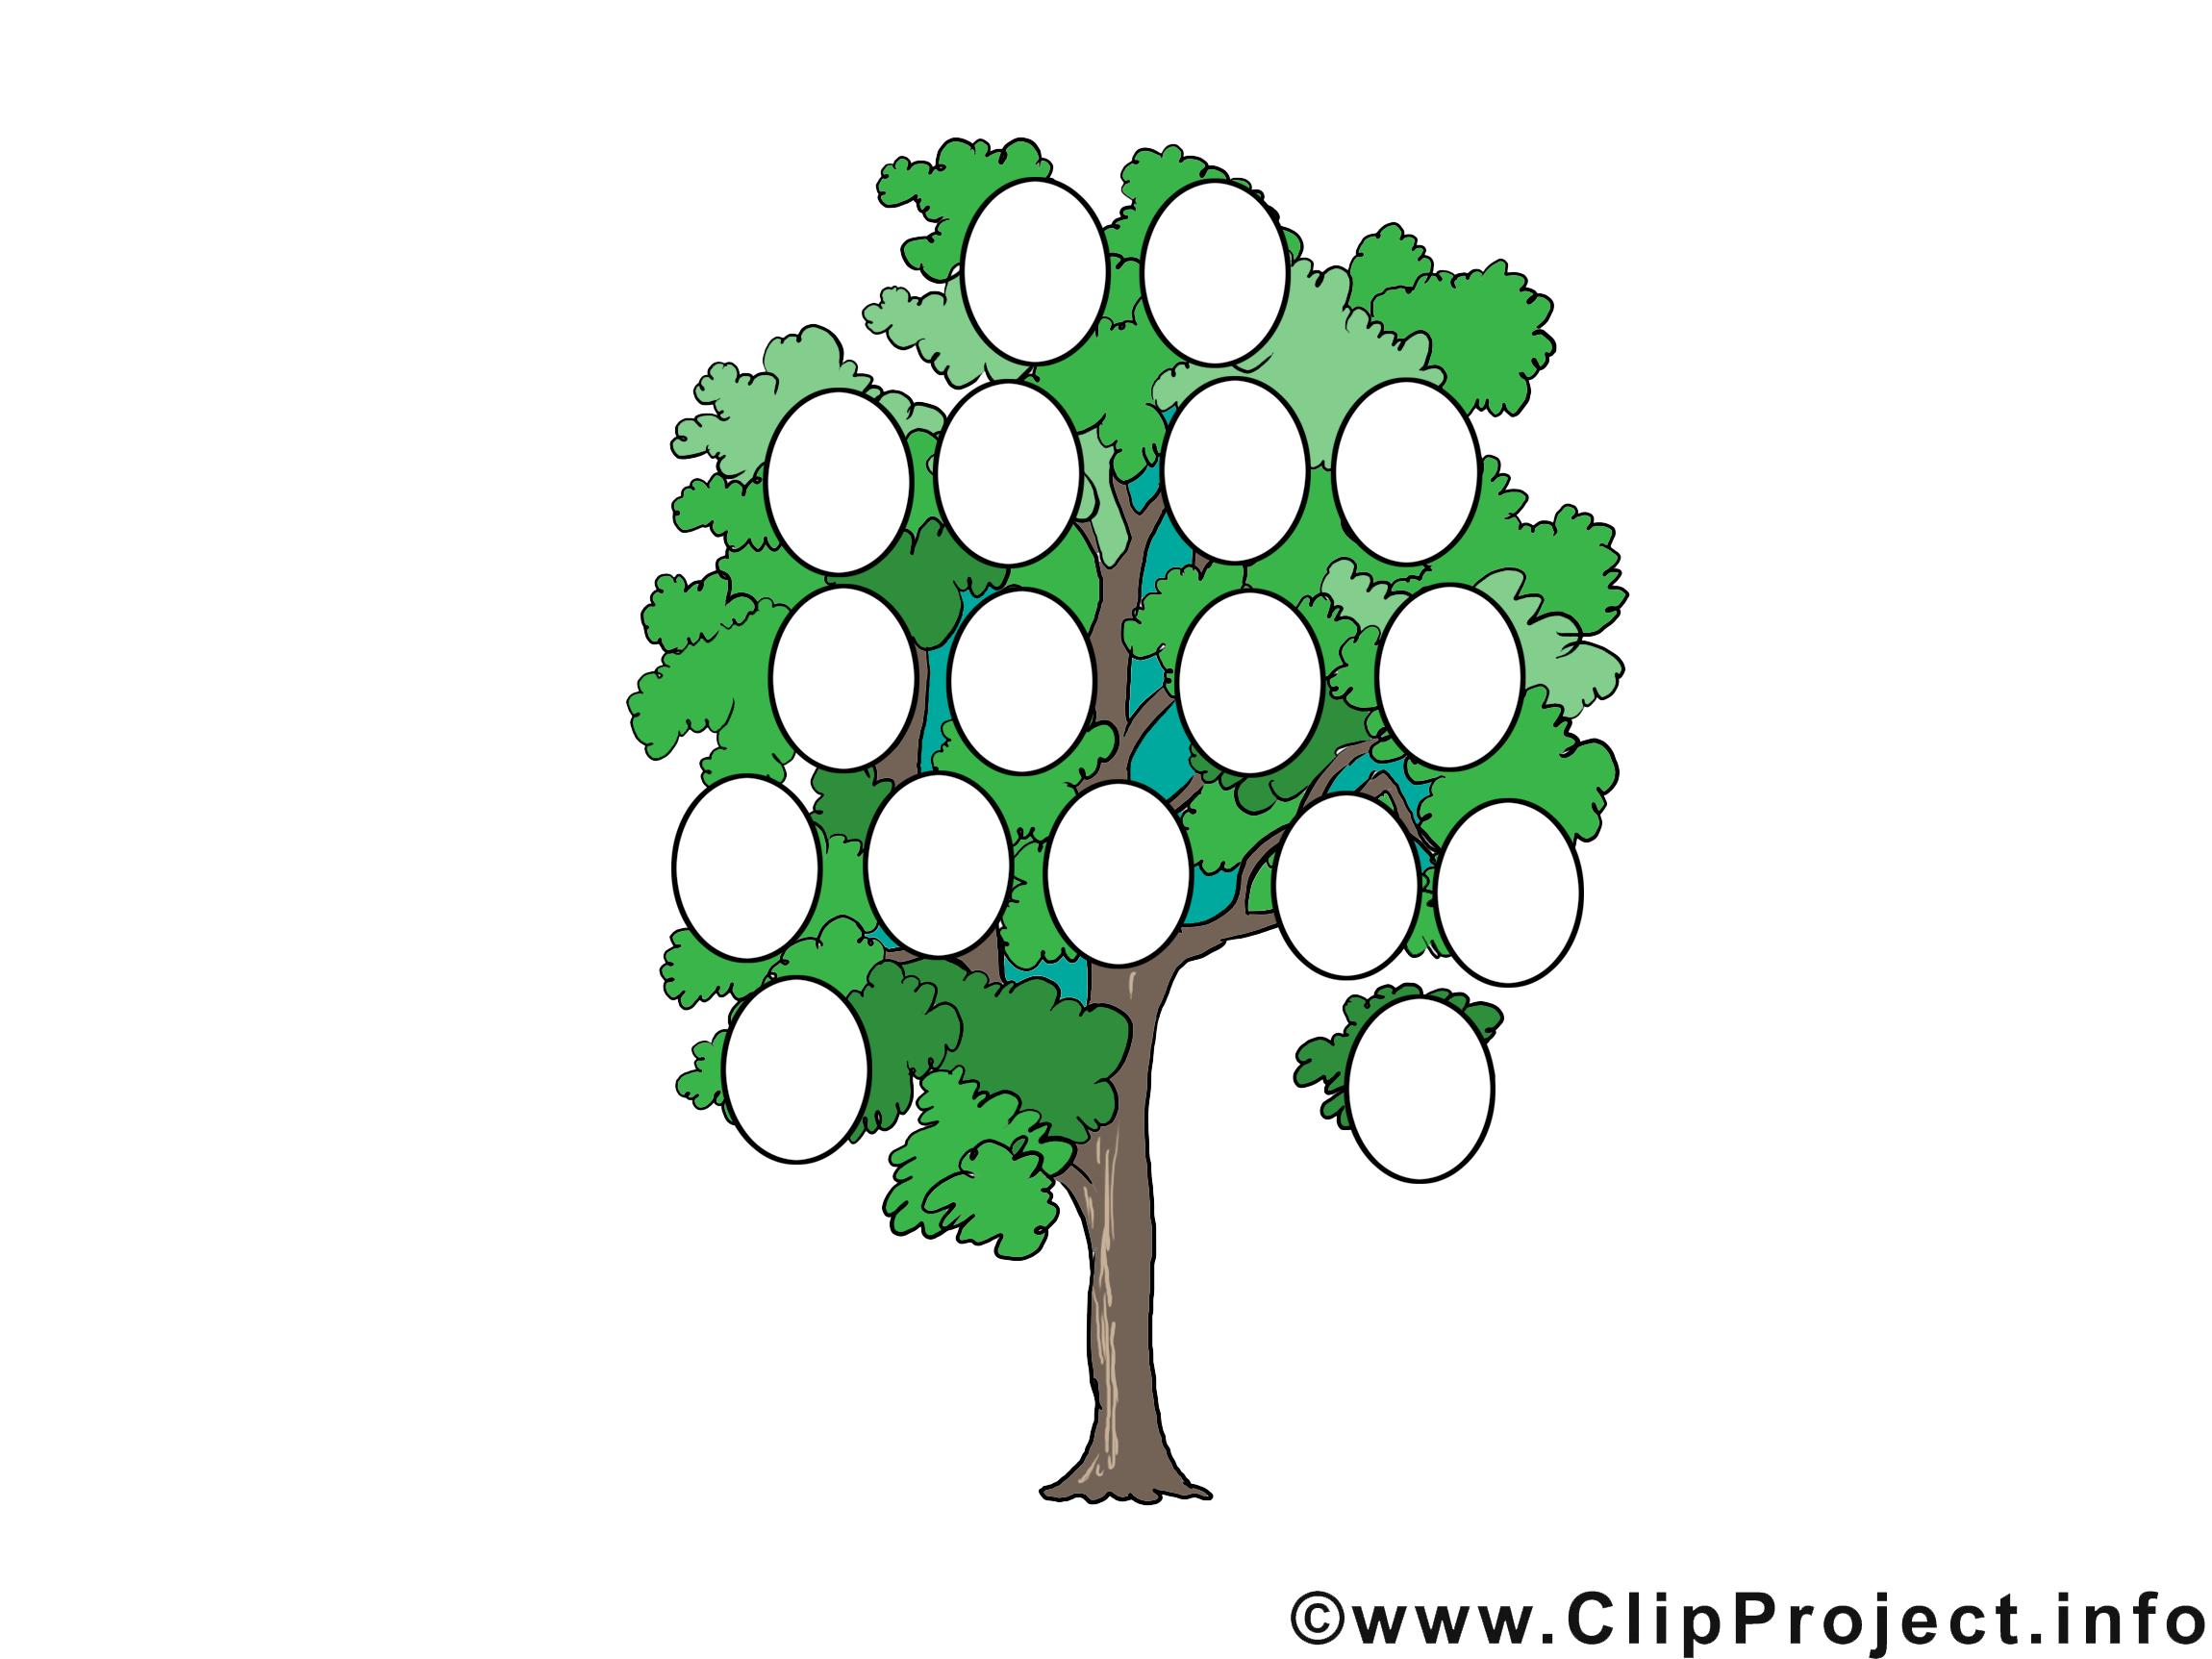 Stammbaum Vorlage Zum Ausdrucken 5158 on Kindergarten Clip Art